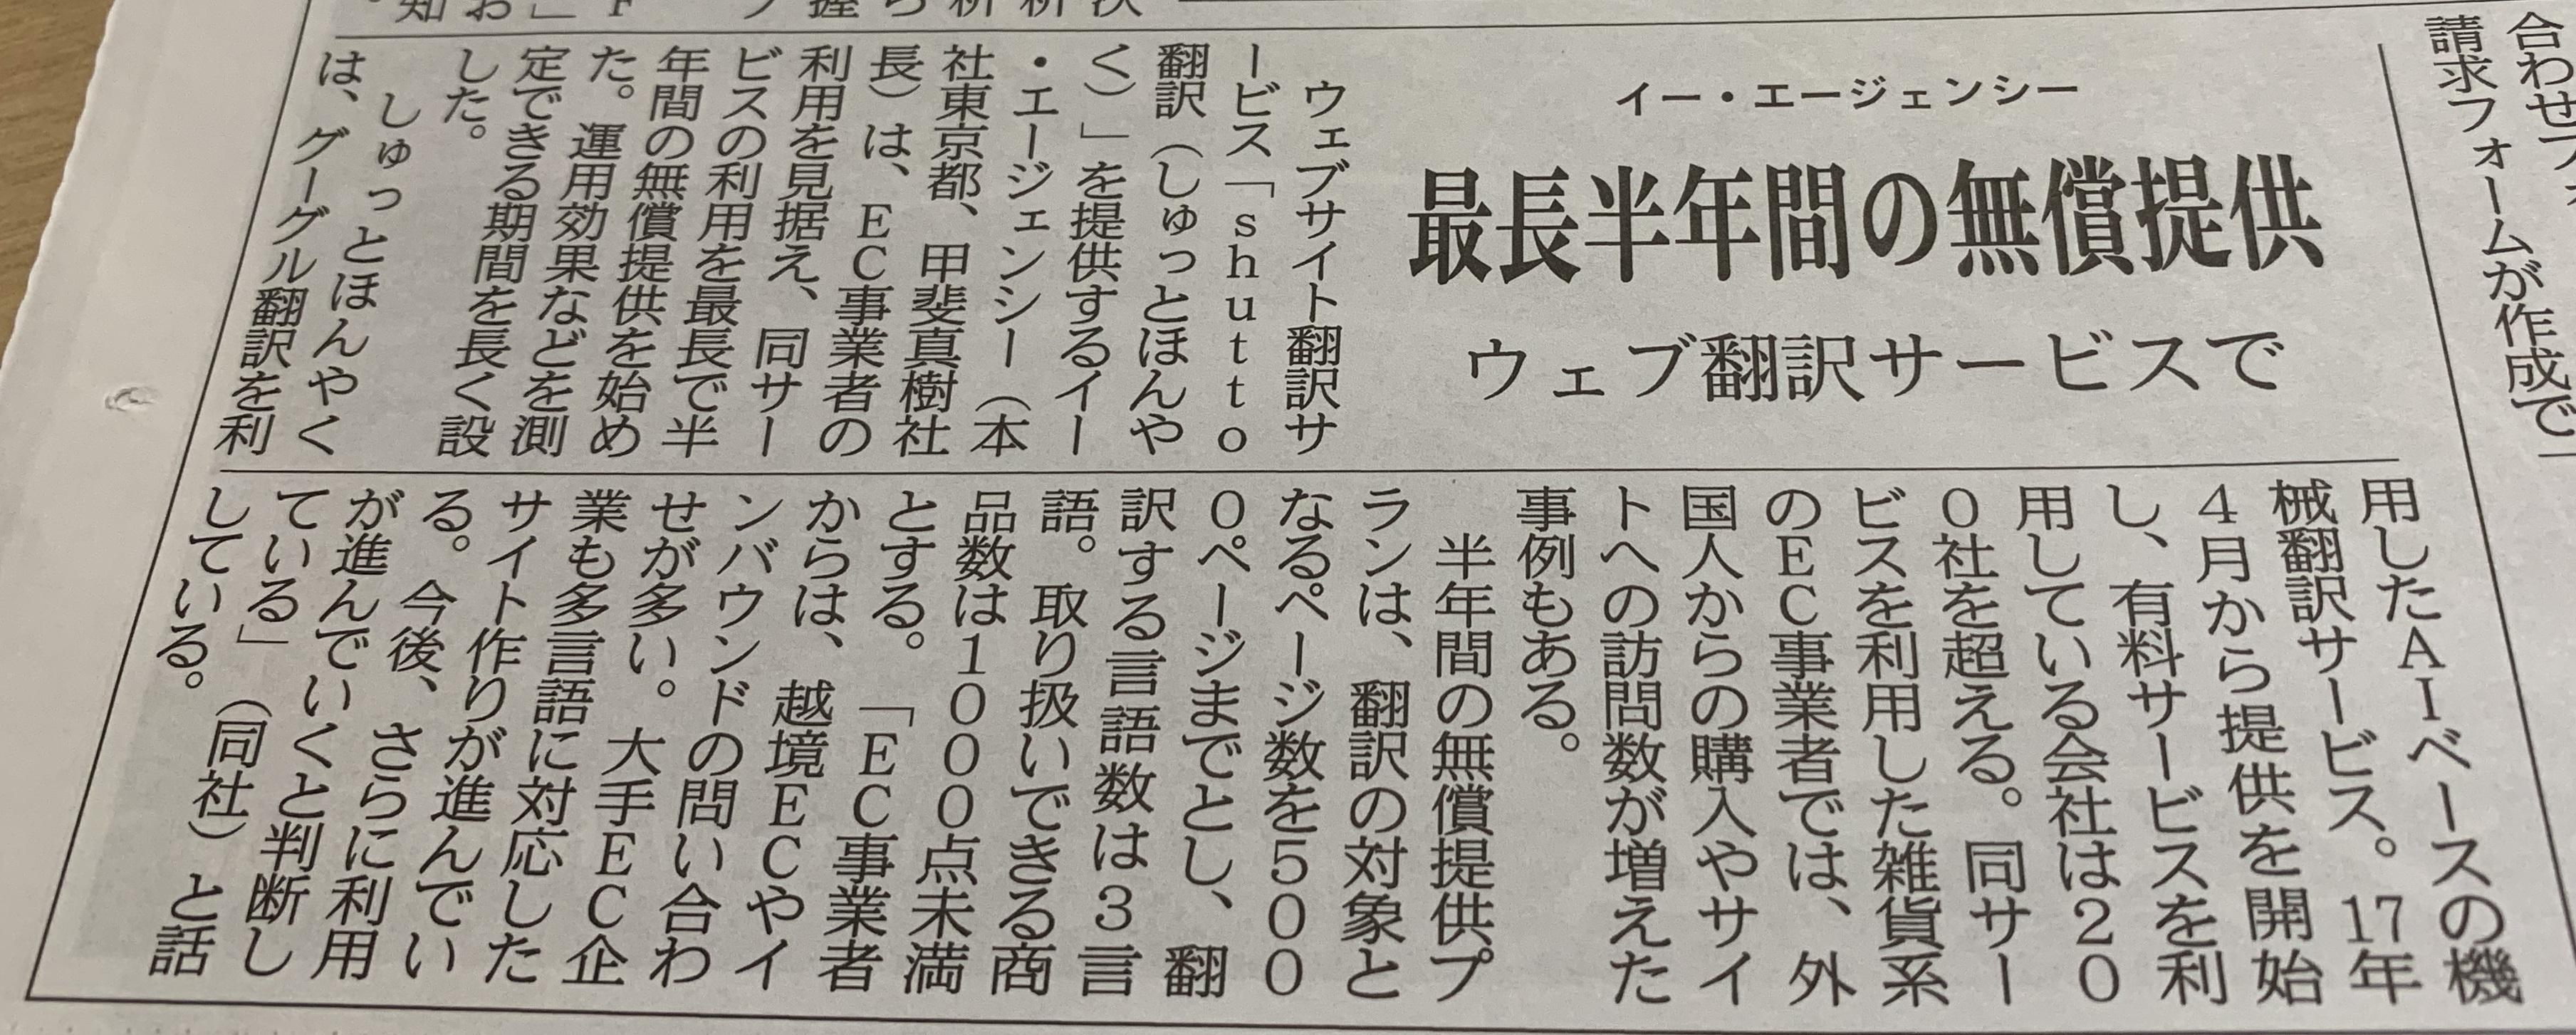 shutto翻訳の無料キャンペーンが日本流通経済新聞に取り上げられました